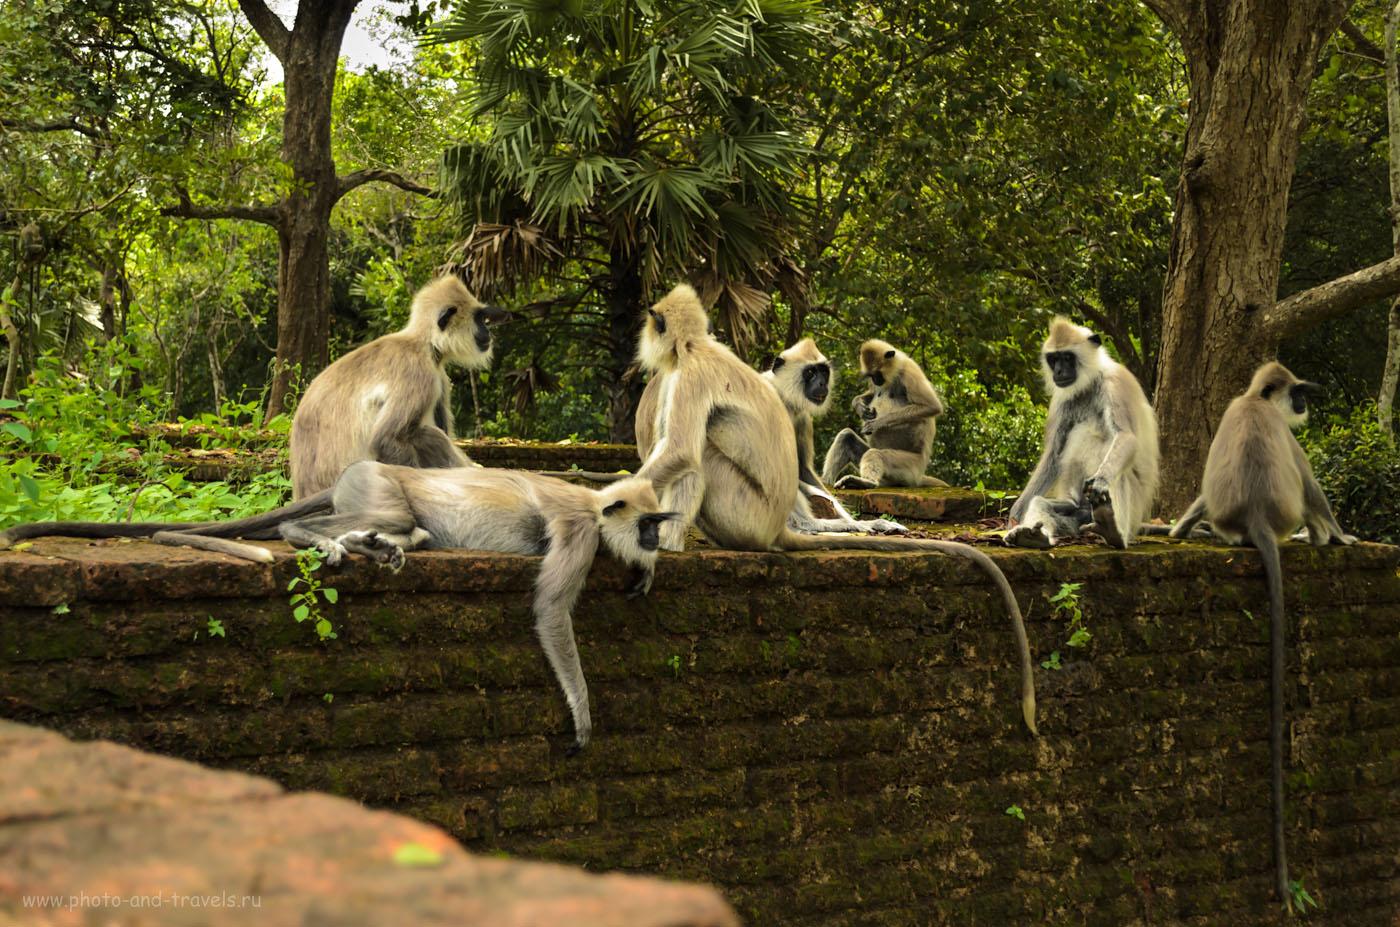 Фото 5. Контролеры могут проверить наличие билетов в любое время. Отзывы туристов об экскурсии в Полоннарува (Polonnaruwa) на Шри-Ланке. Отдых на острове самостоятельно.